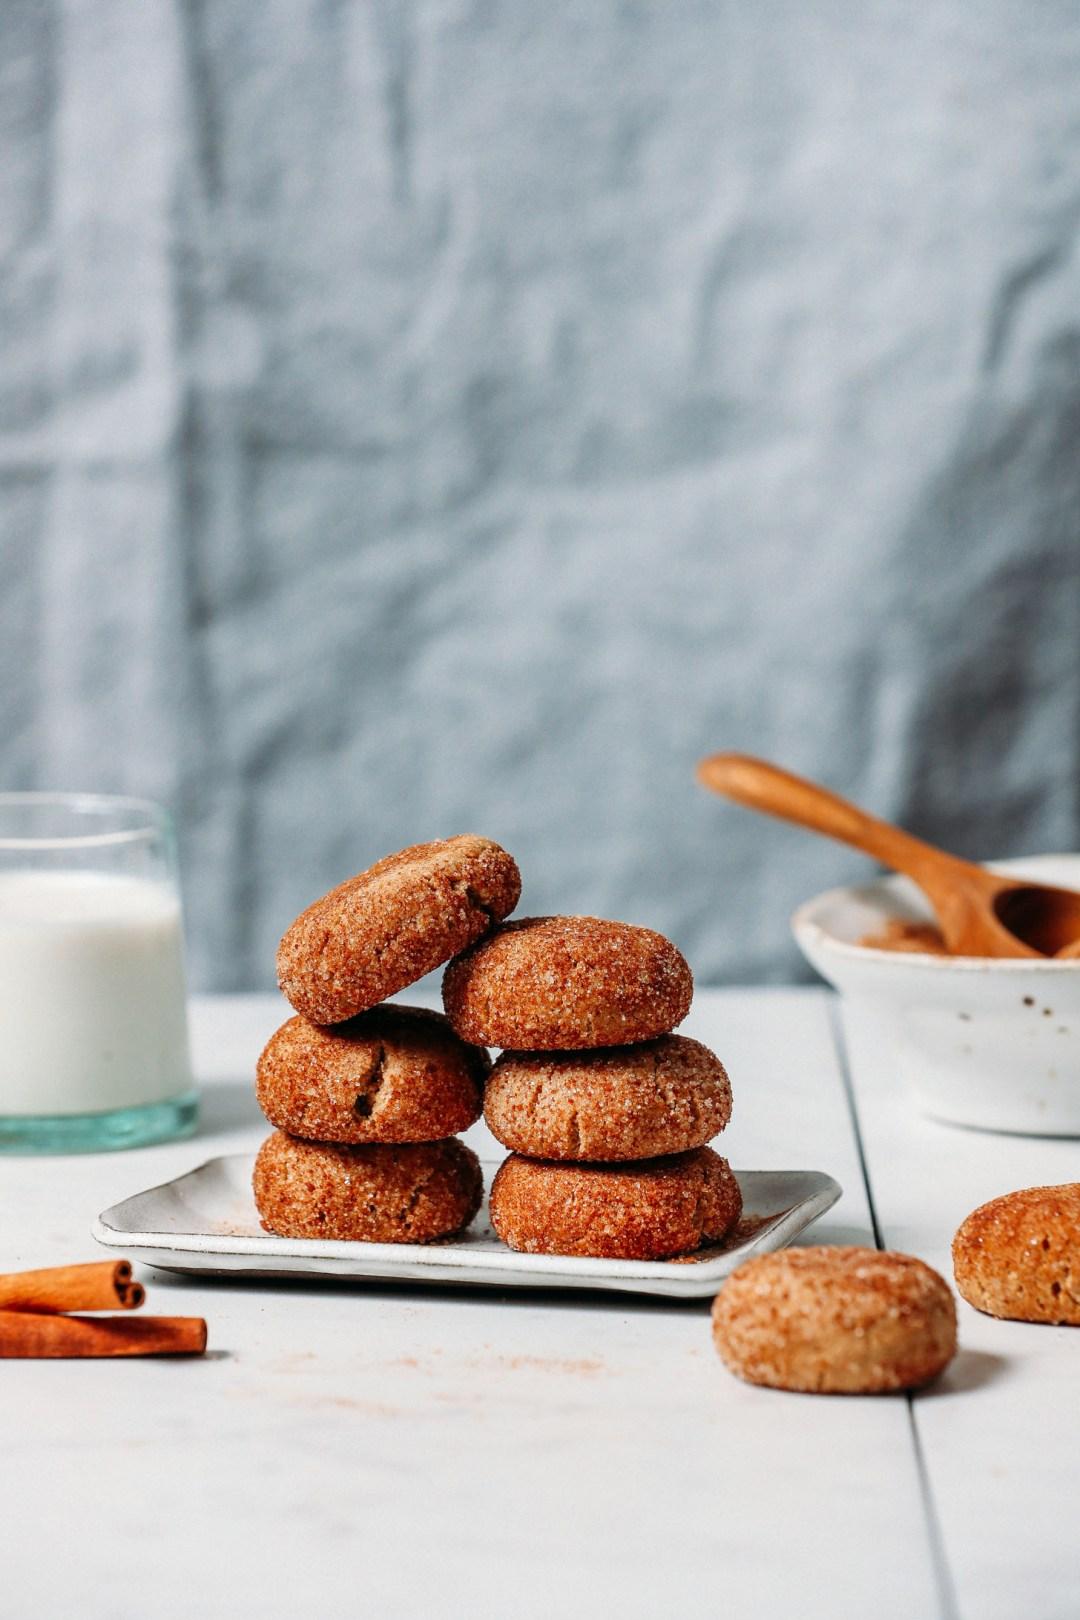 GF Vegan Snickerdoodle Cookies apiladas en un plato junto a un vaso de leche no láctea, una rama de canela y una capa de azúcar de canela